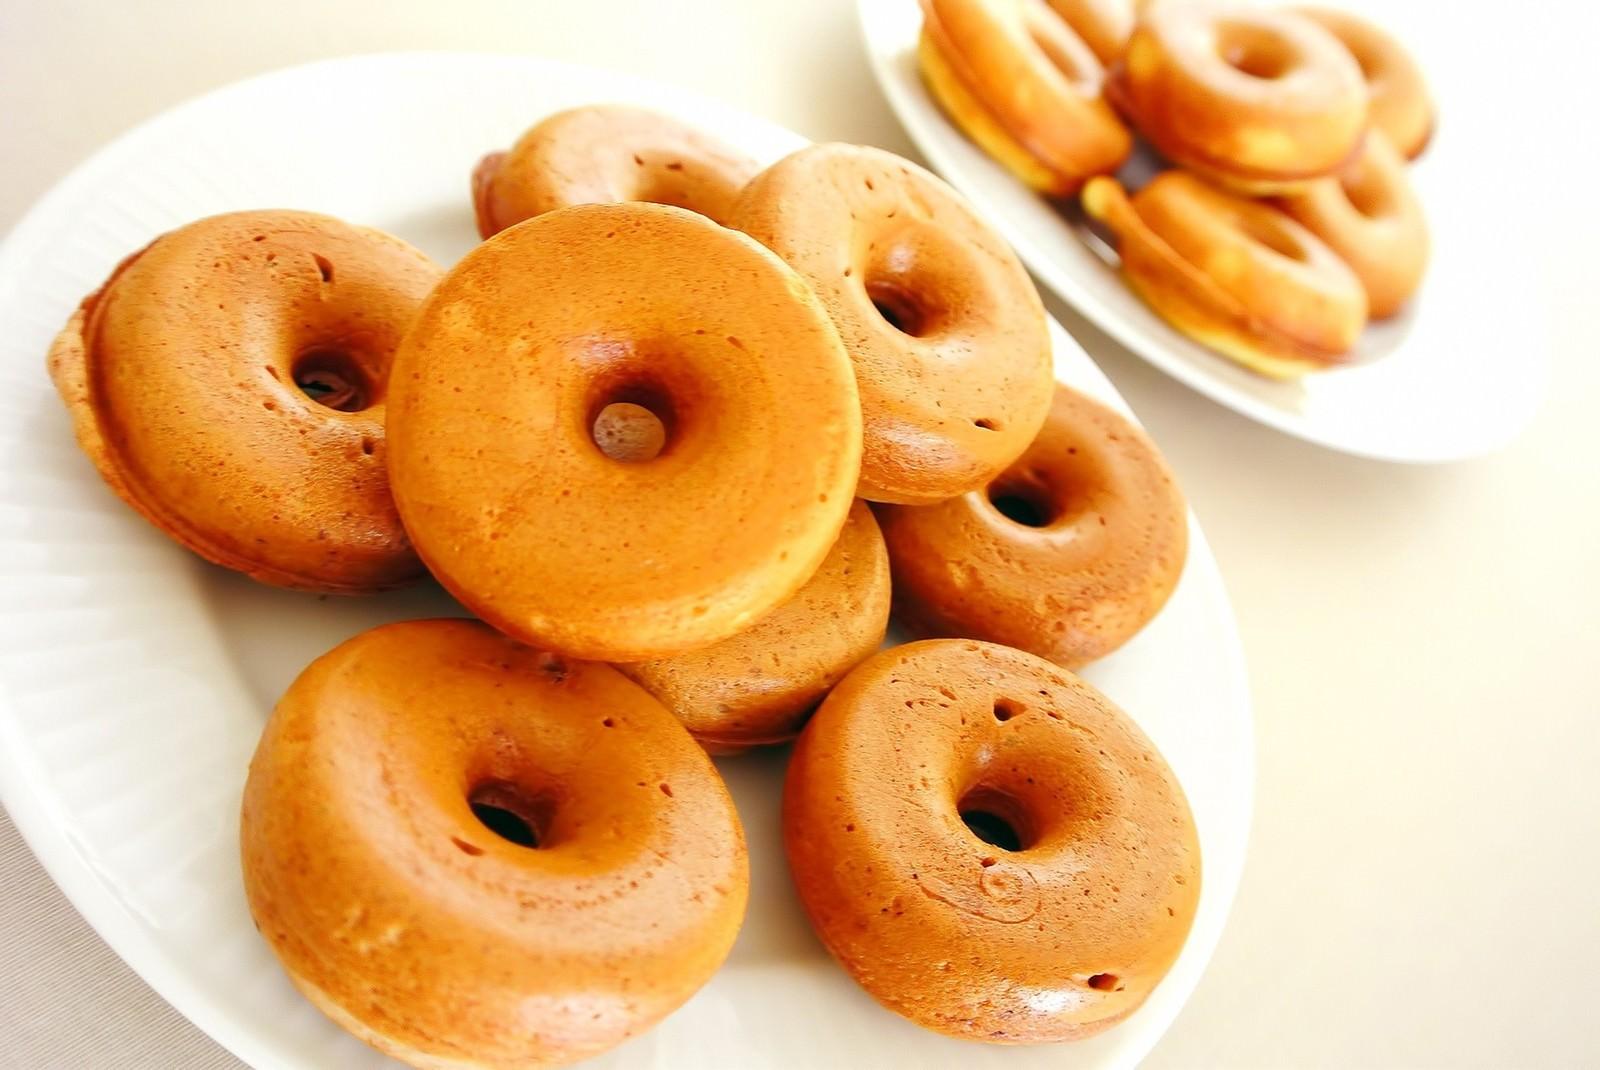 「焼きドーナツ」の写真